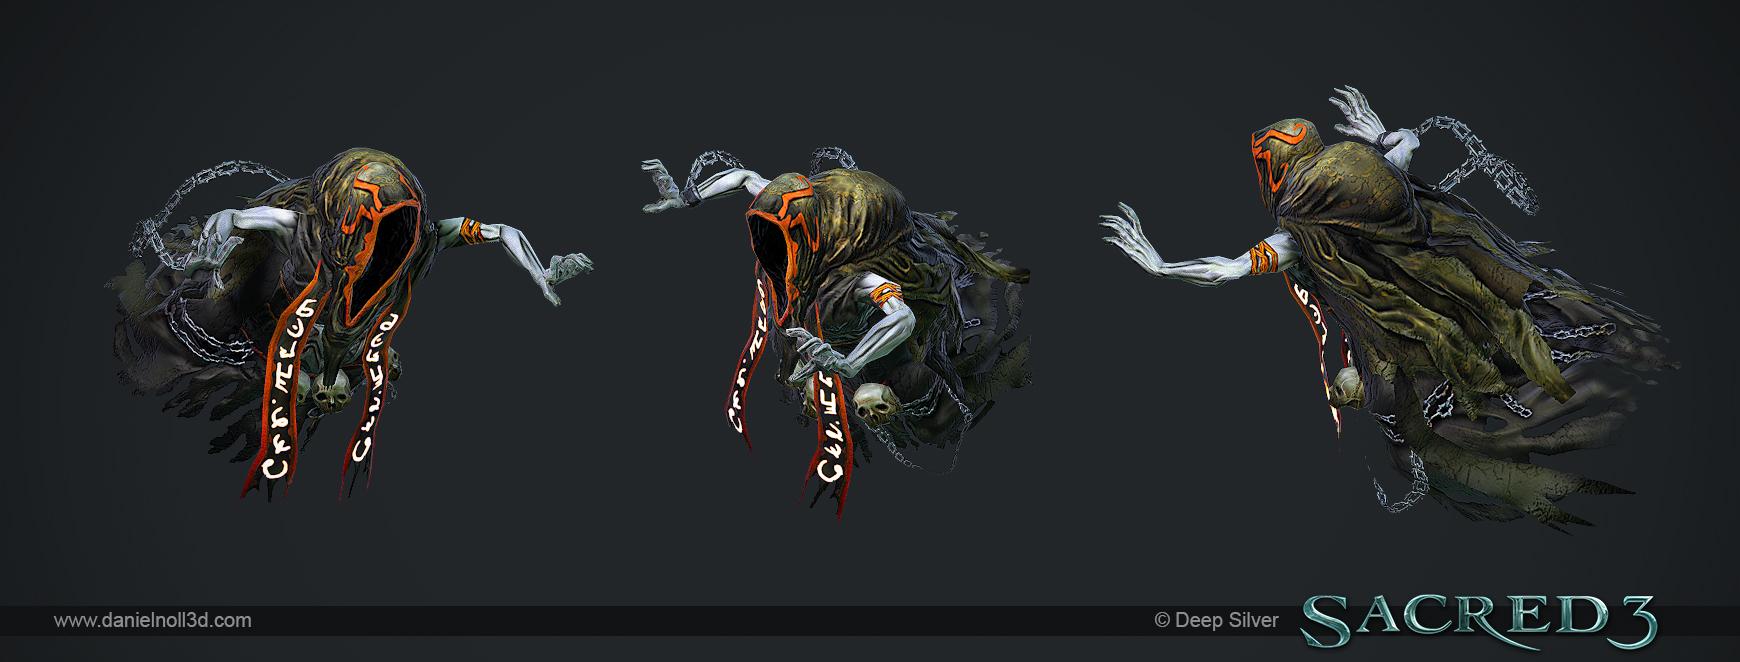 Wraith_Game.jpg